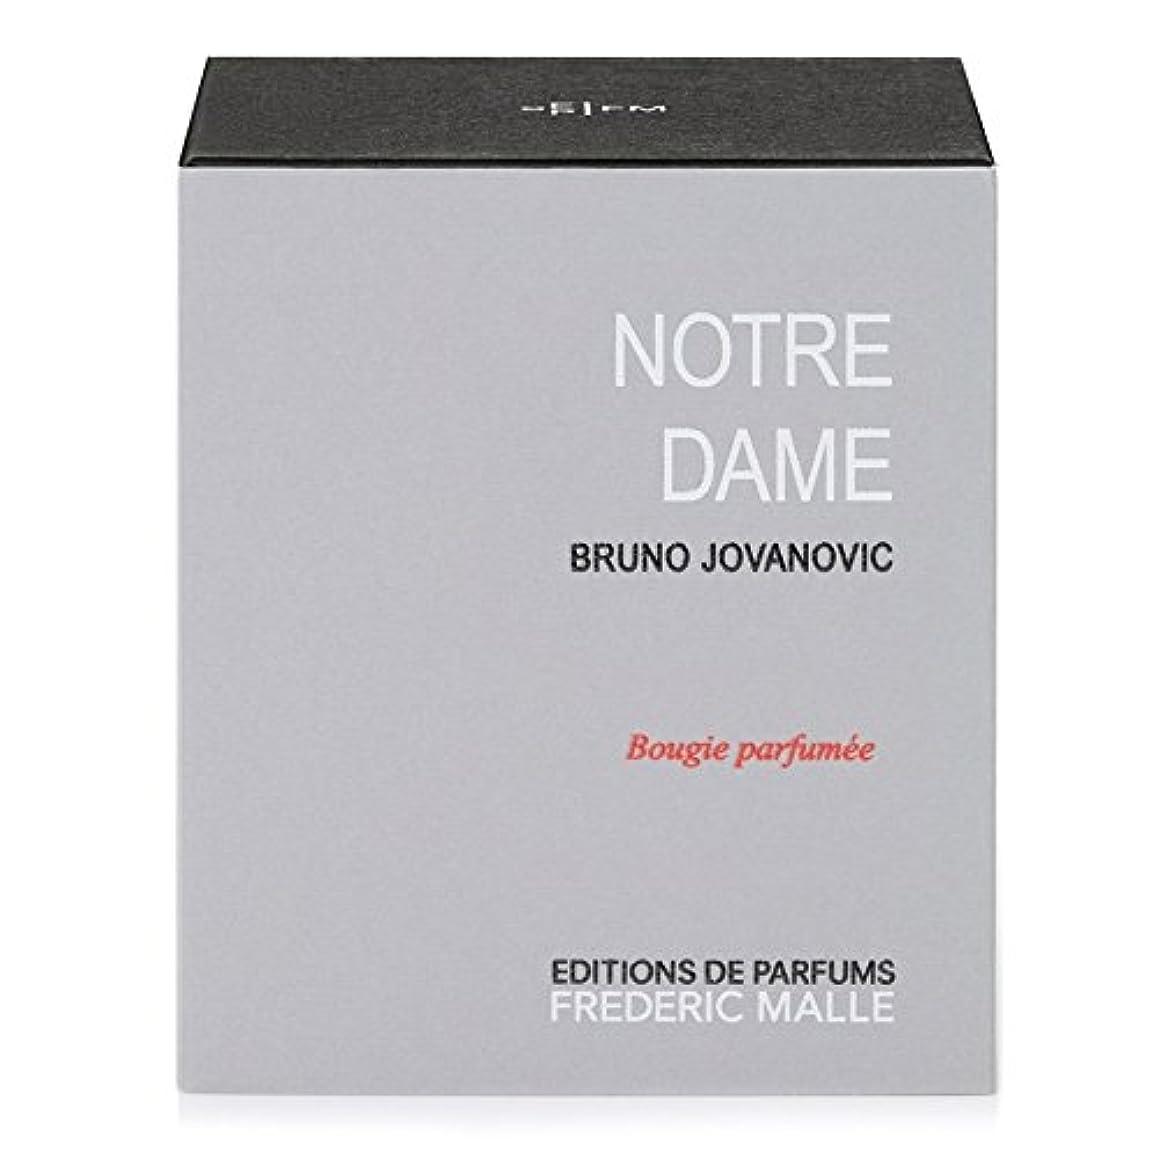 わかるほめる教フレデリック?マルノートルダム香りのキャンドル220グラム x6 - Frederic Malle Notre Dame Scented Candle 220g (Pack of 6) [並行輸入品]